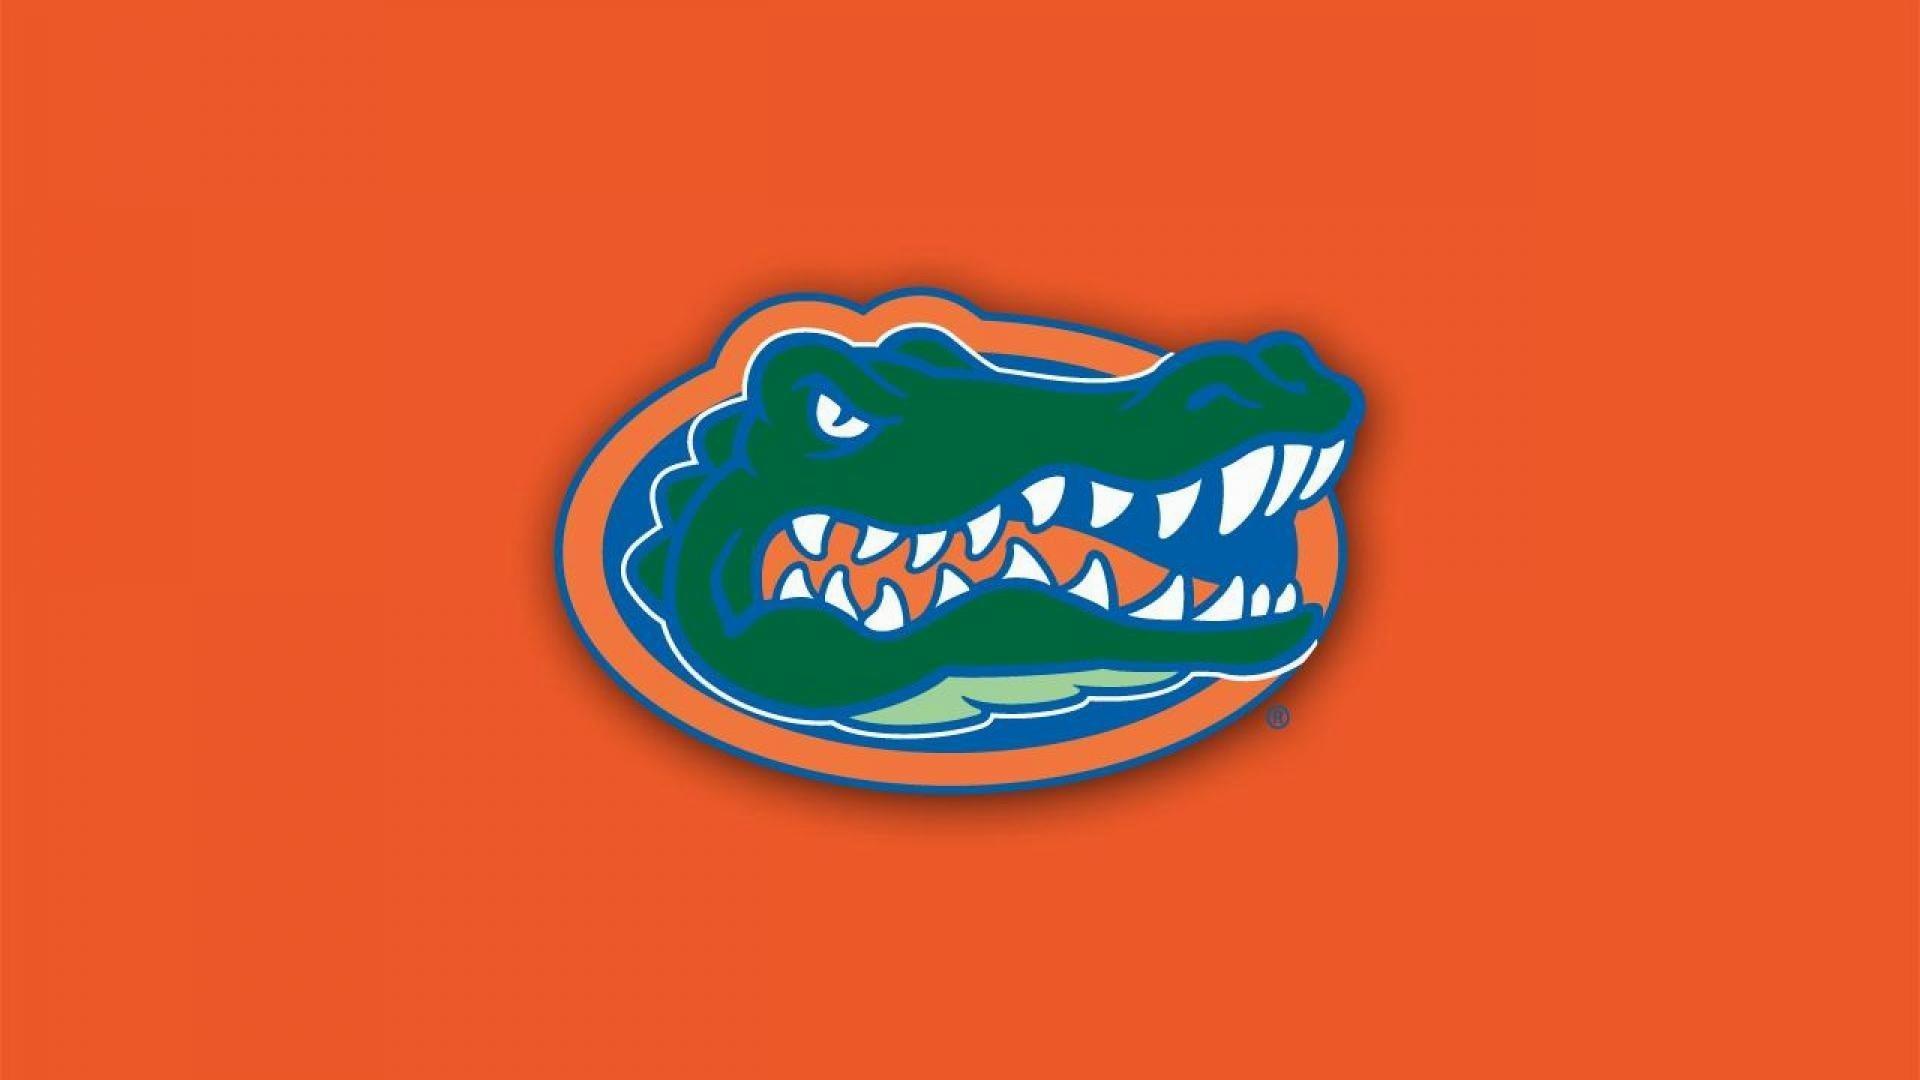 wallpaper.wiki-Free-Florida-Gators-Images-1920×1080-PIC-